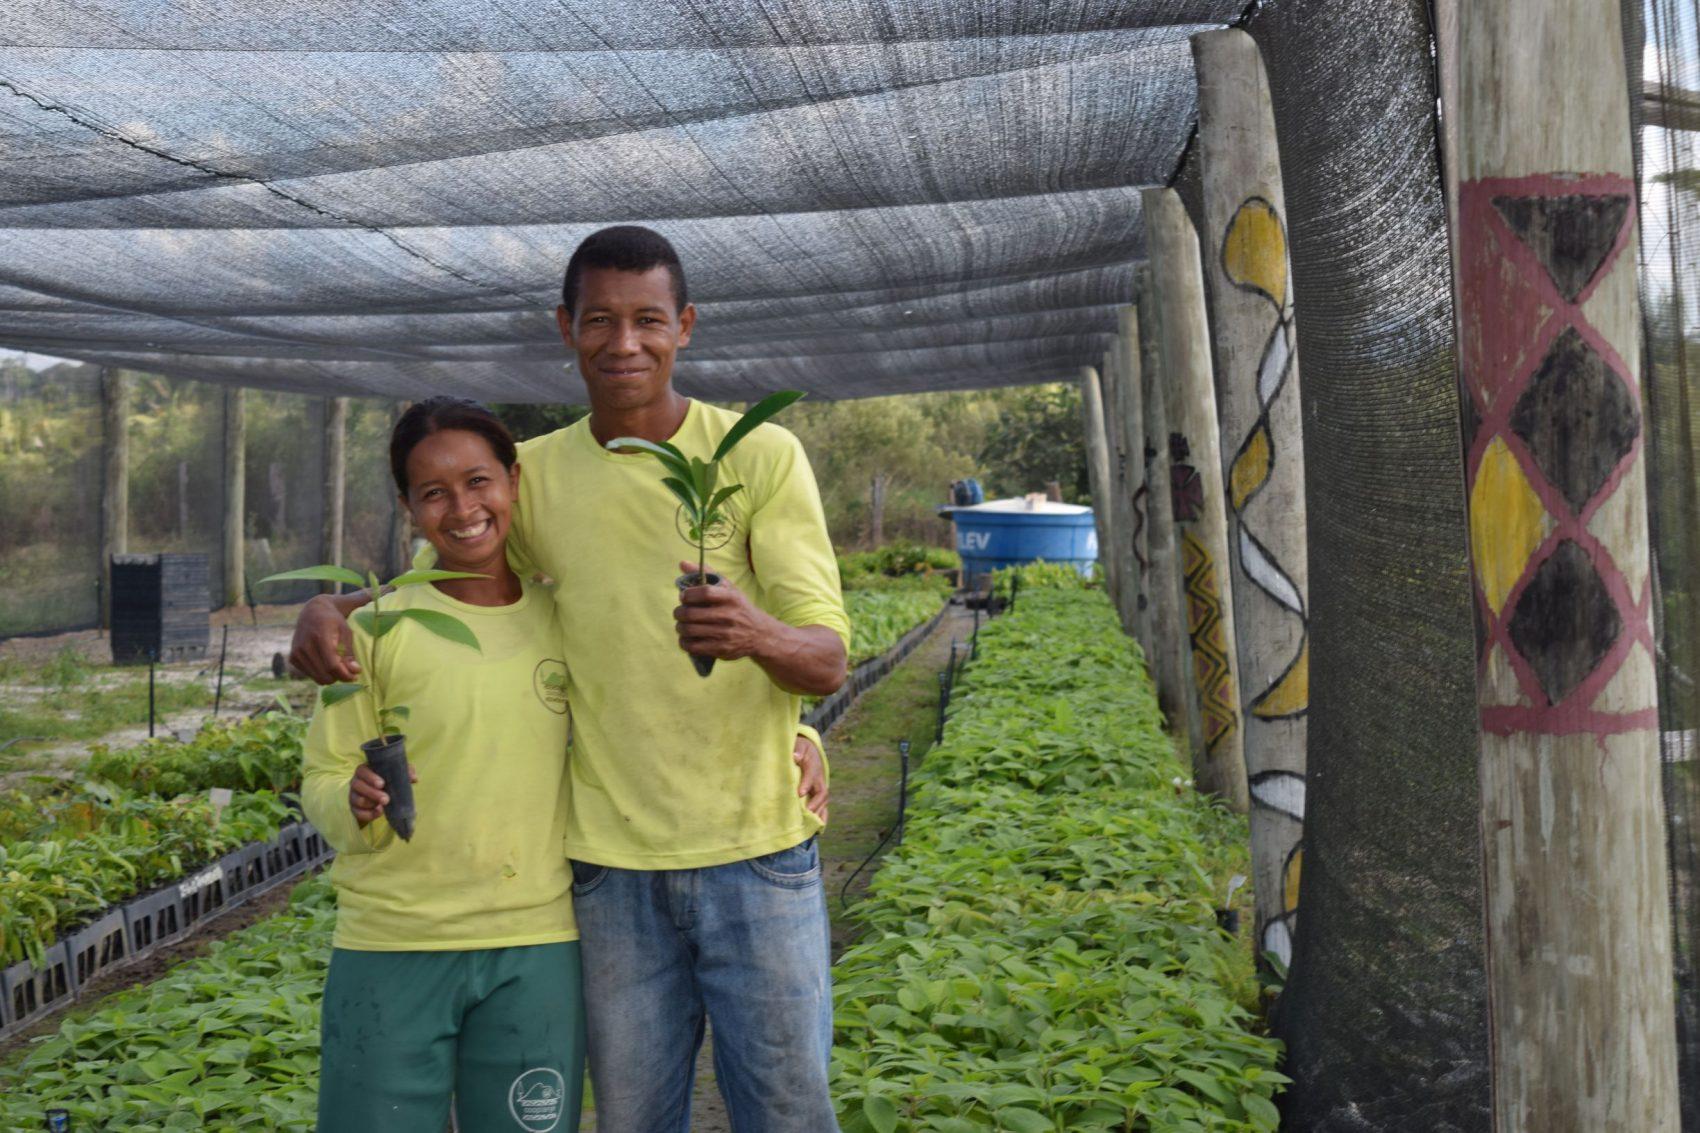 Viveiro de mudas do Programa Arboretum: quase 900 mil mudas comercializadas desde 2015 (Foto: Divulgação)